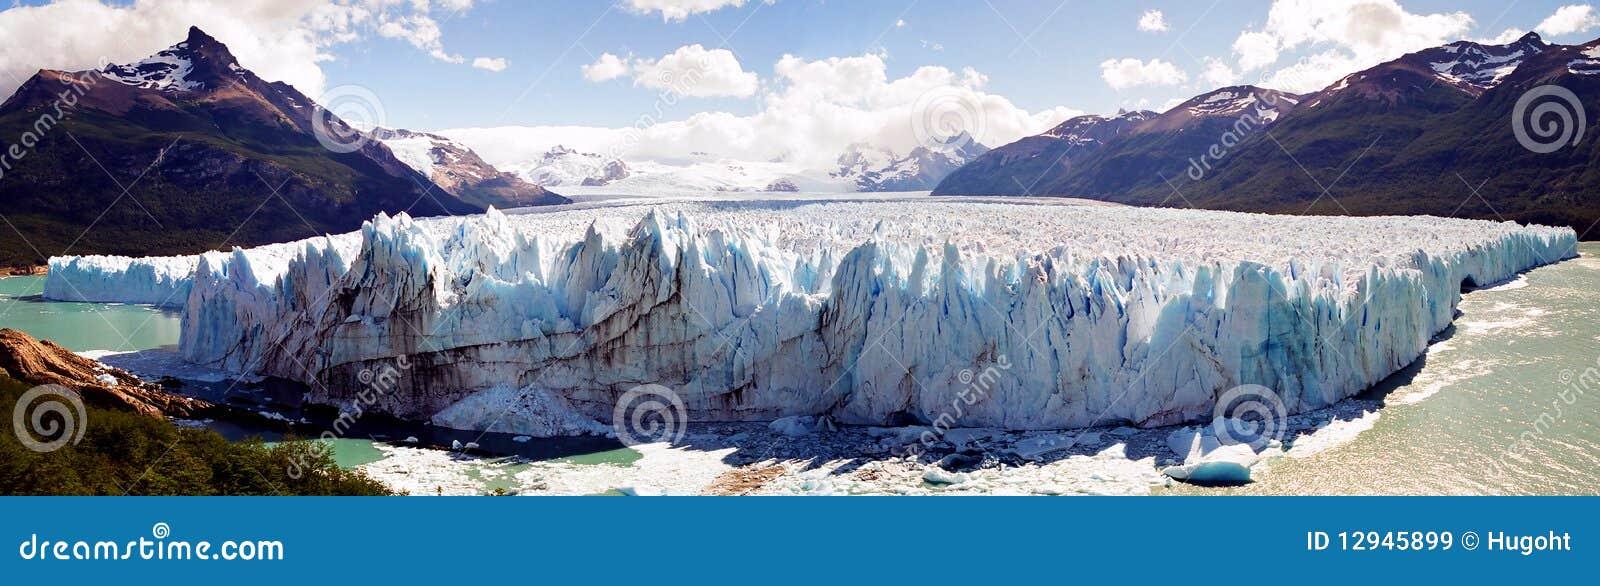 Panorama da geleira de Perito Moreno